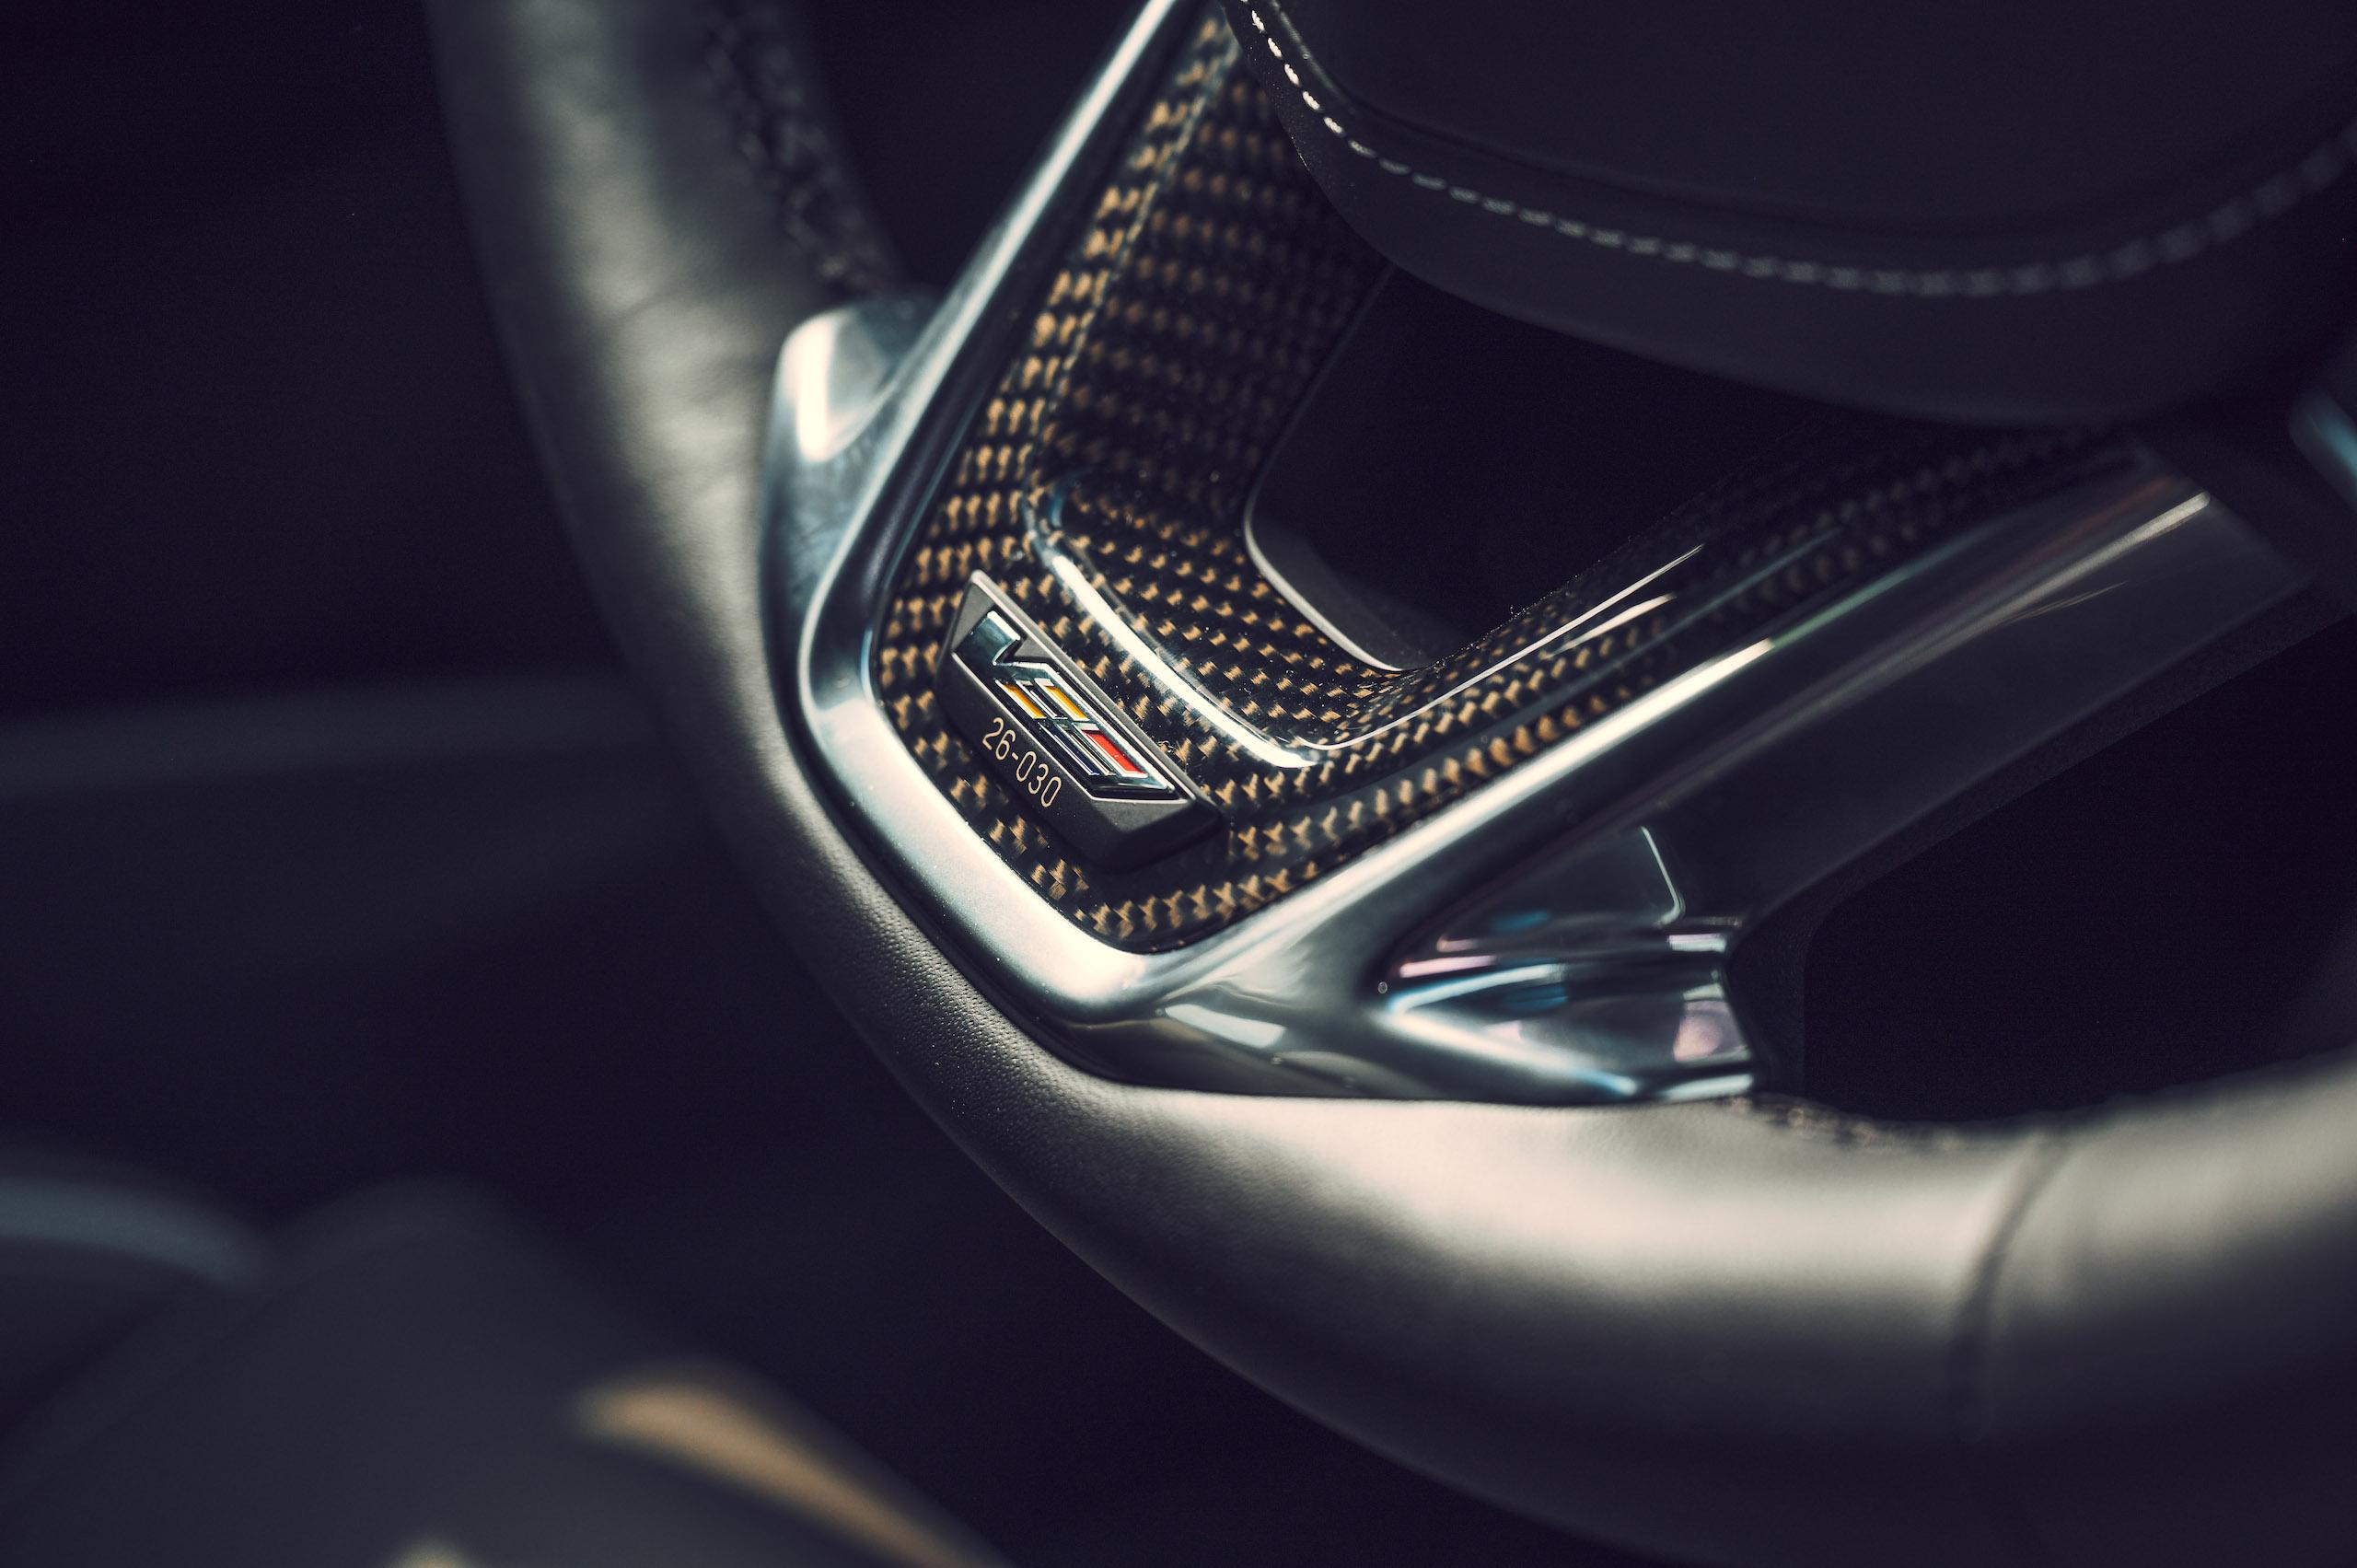 CT4-V Blackwing steering wheel detail